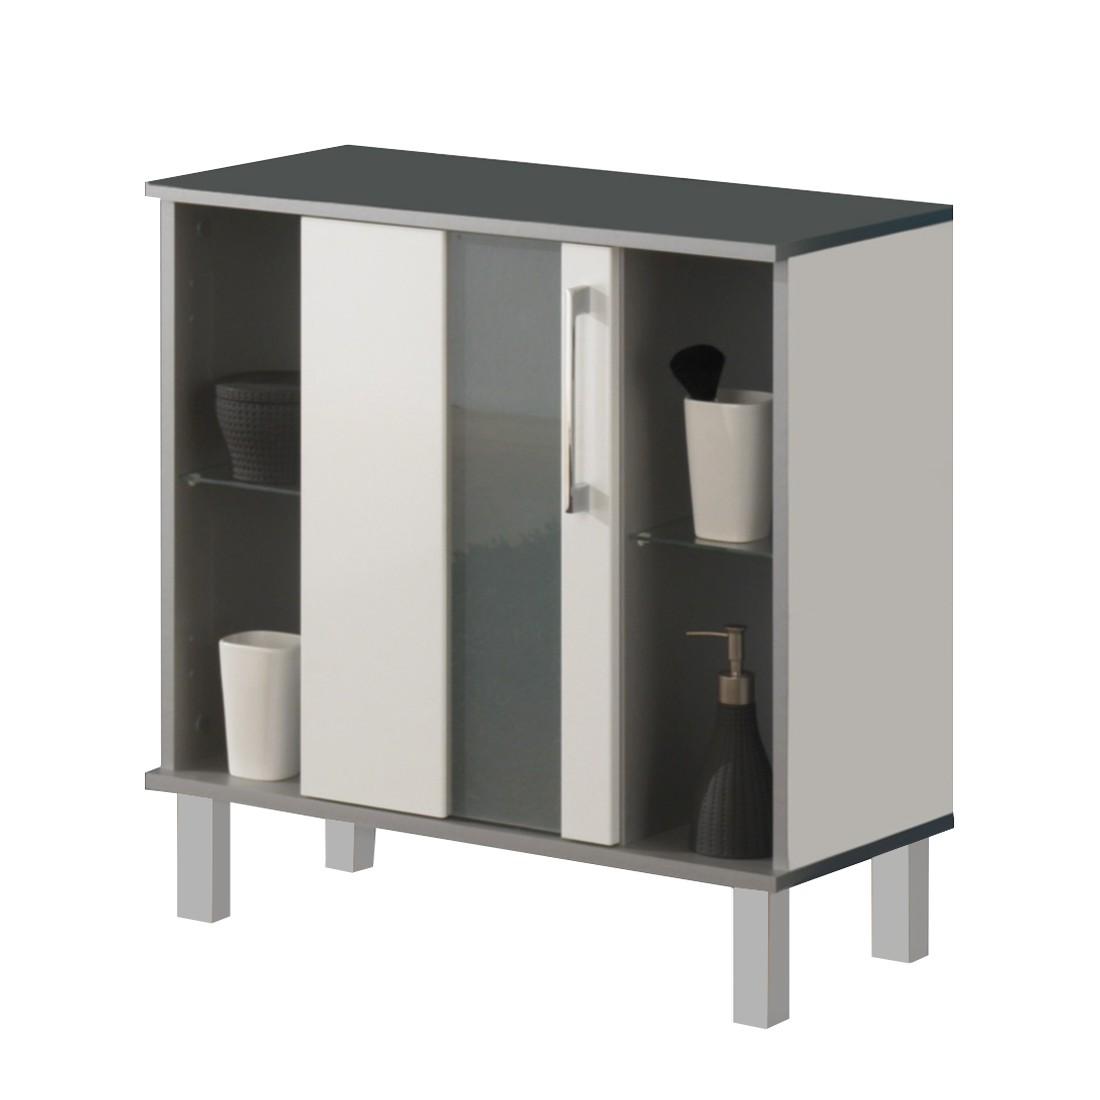 Badmöbel weiss stehend  Waschbeckenunterschrank Stehend | gispatcher.com